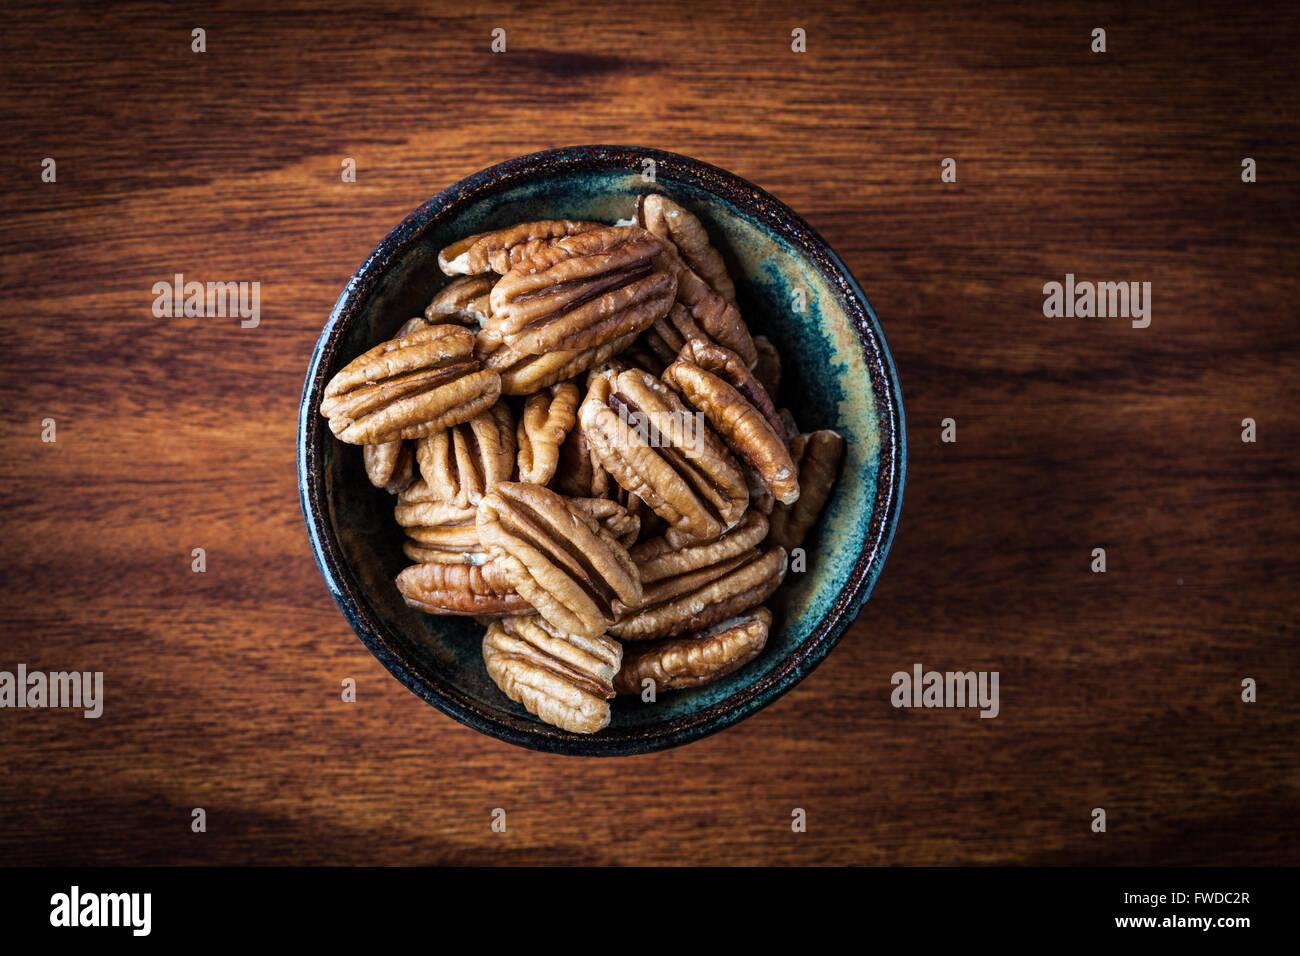 Pekannüsse in Keramikschale auf Holztisch. Geringe Schärfentiefe. Ansicht von oben. Stockbild